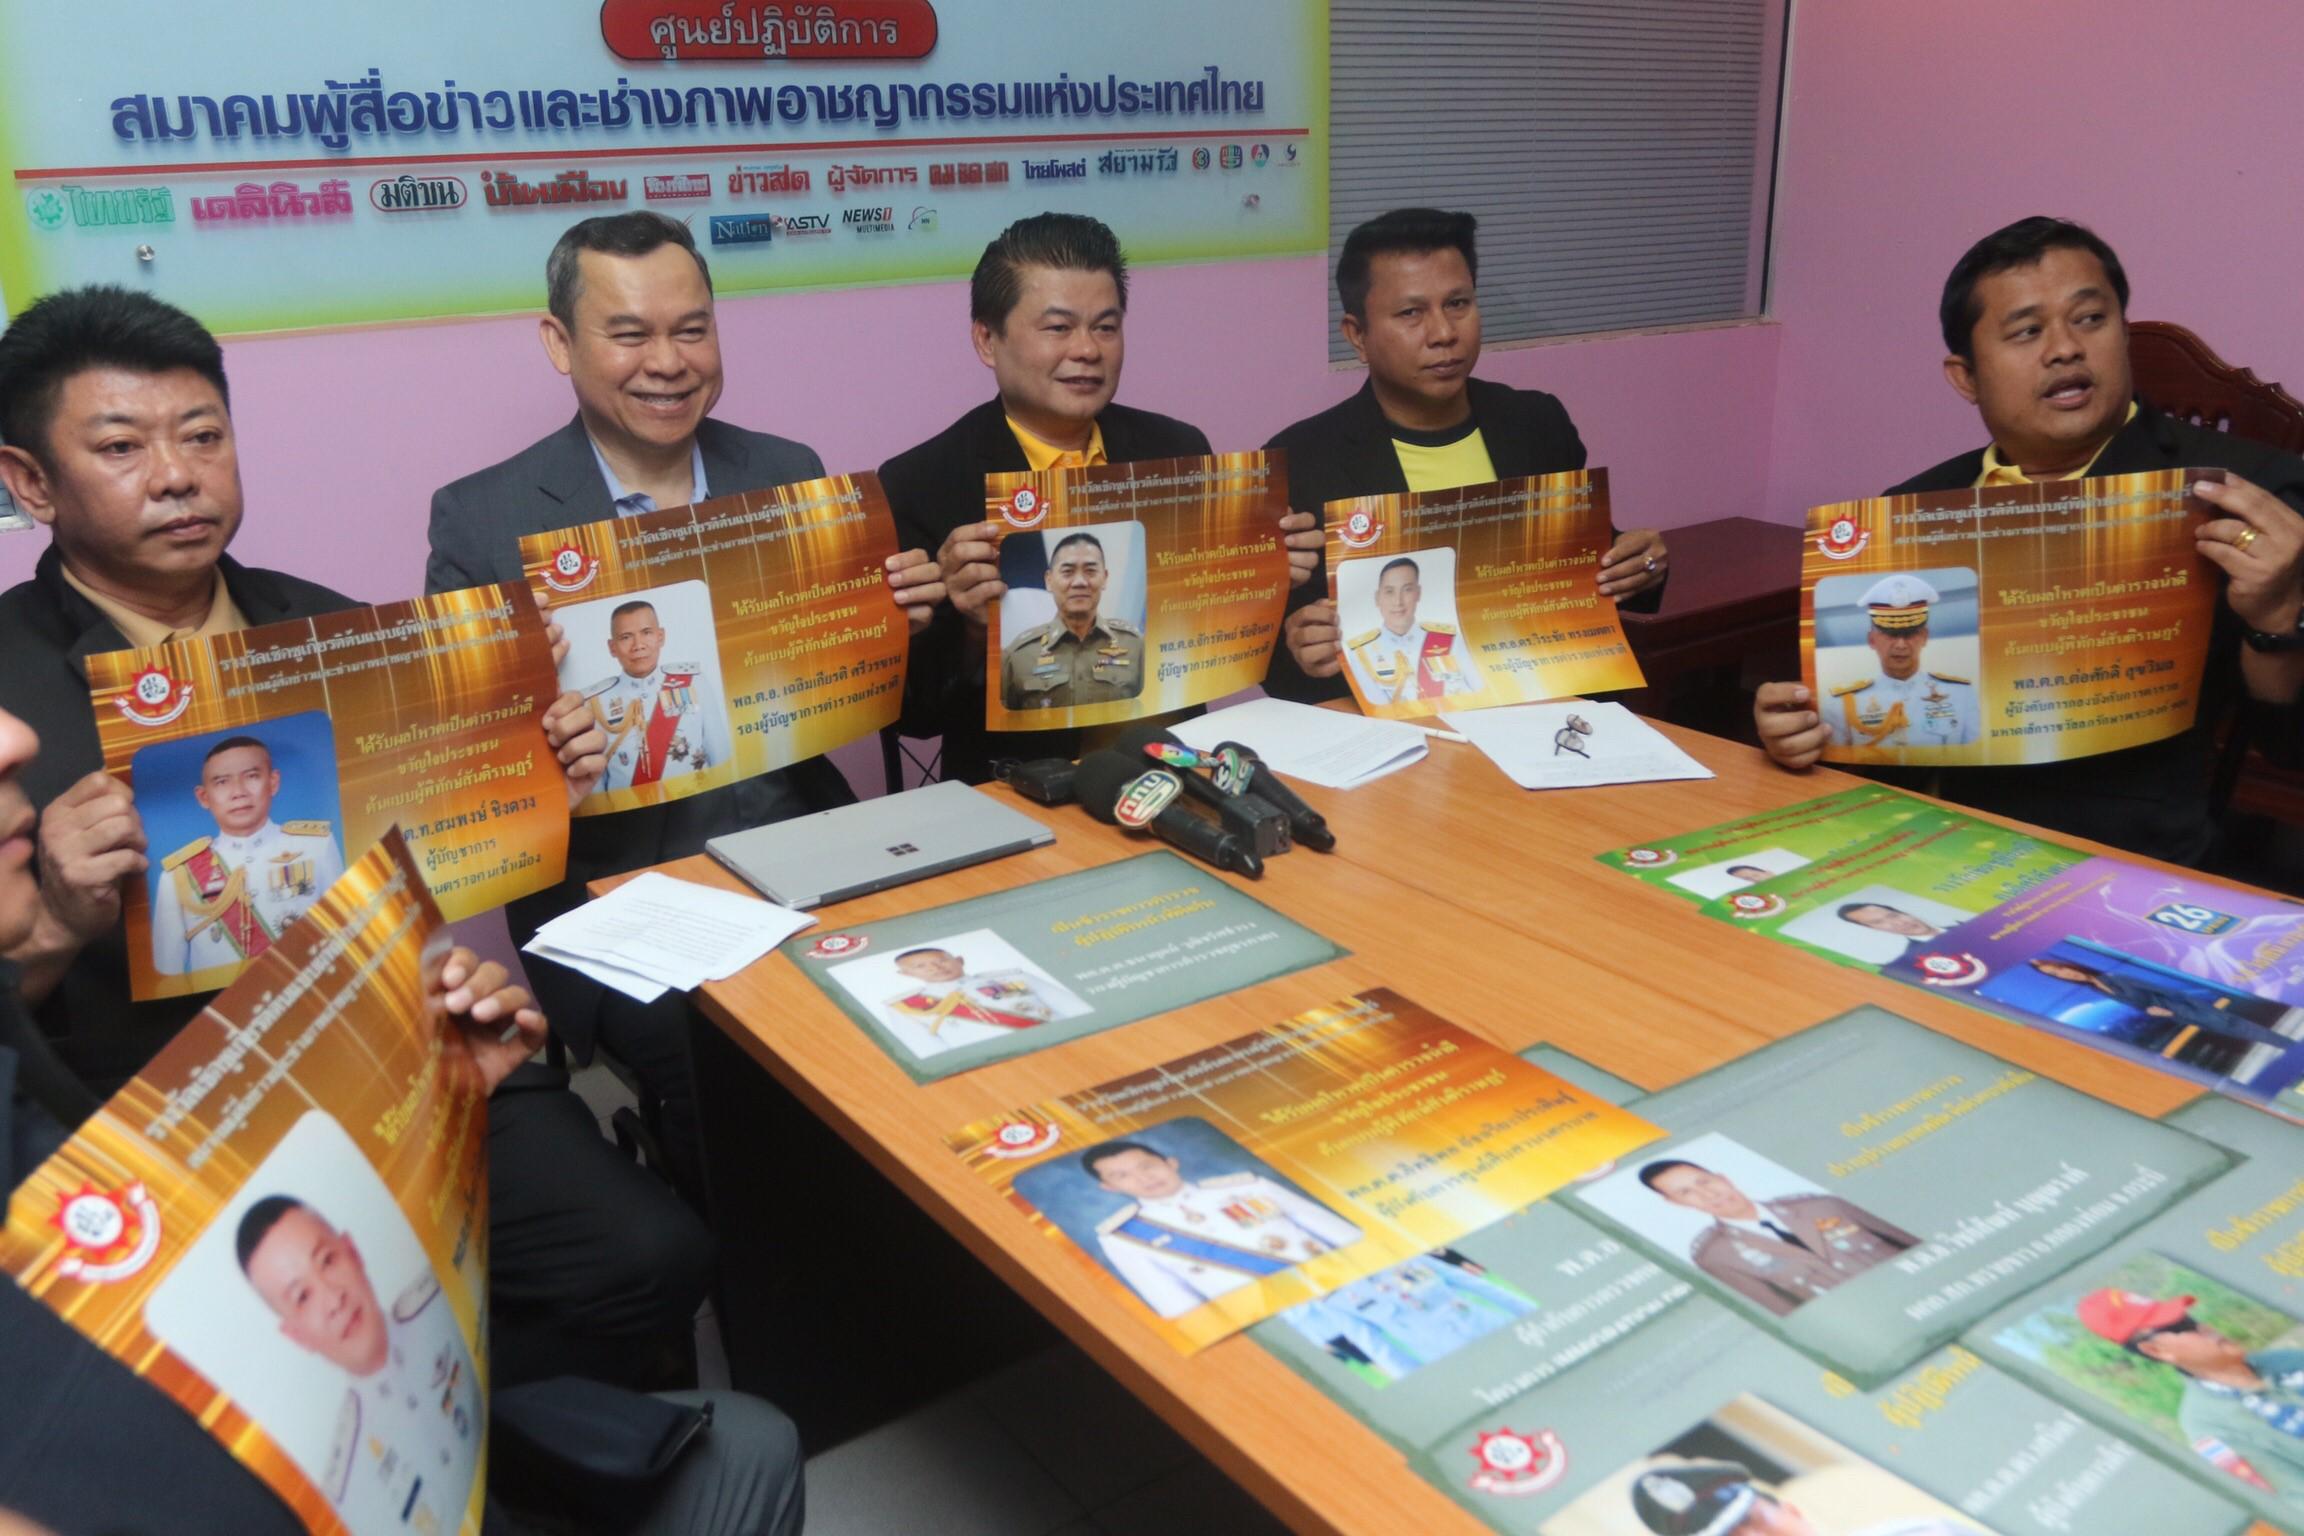 ศูนย์ปฏิบัติการสมาคมผู้สื่อข่าวและช่างภาพอาชญากรรมแห่งประเทศไทย